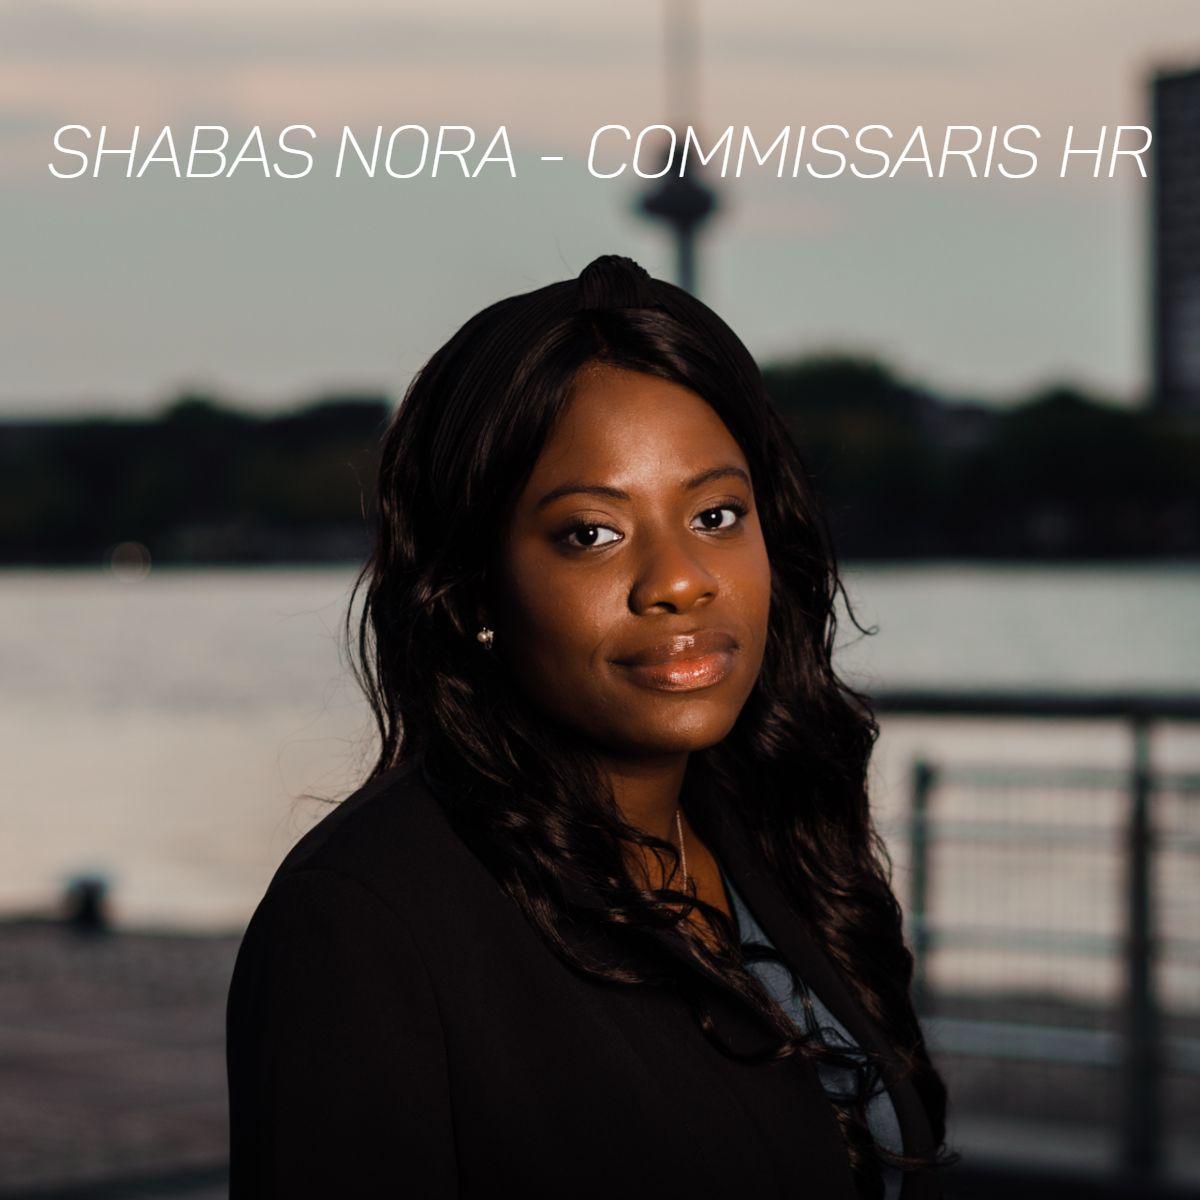 Shabas Nora